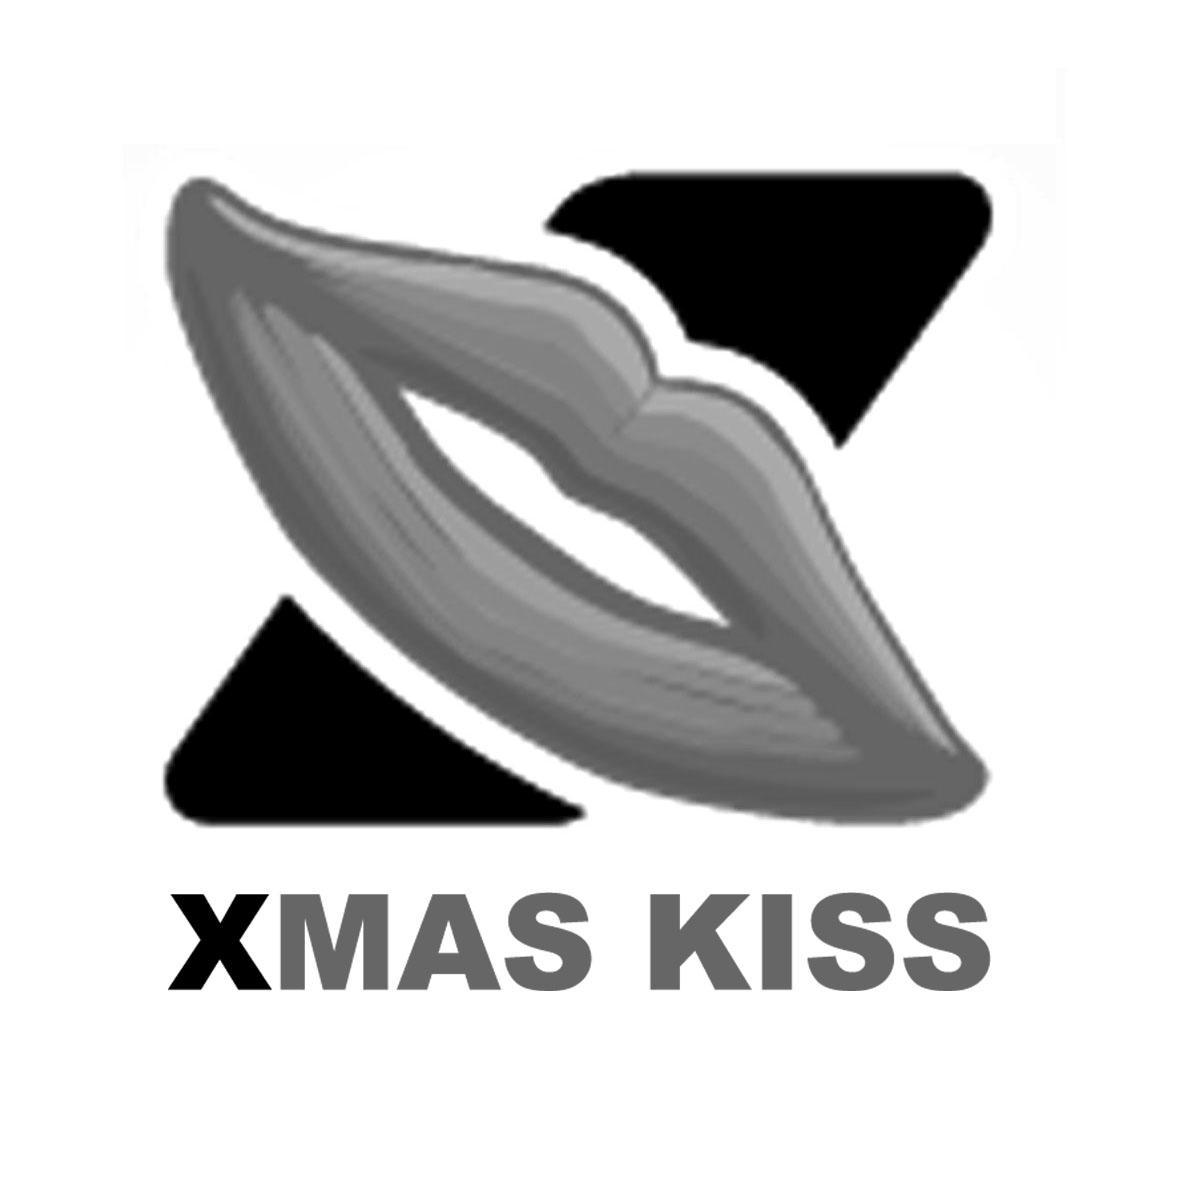 XMAS KISS